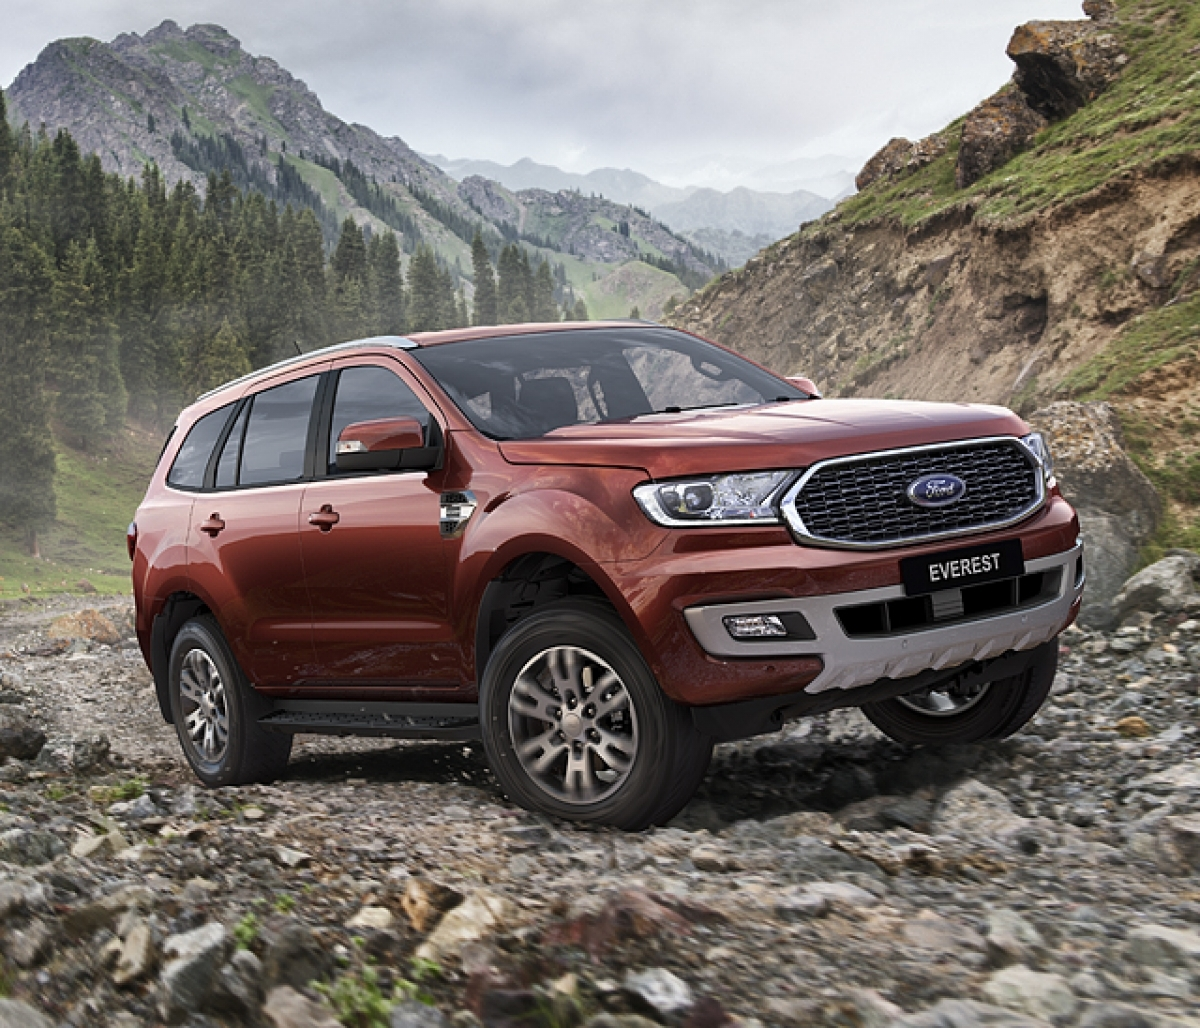 Ford Everest thuộcdiện triệu hồi lần này được nhập khẩu từ Thái Lan vàsản xuất từ ngày 5/9/2019 - 28/2/2020.